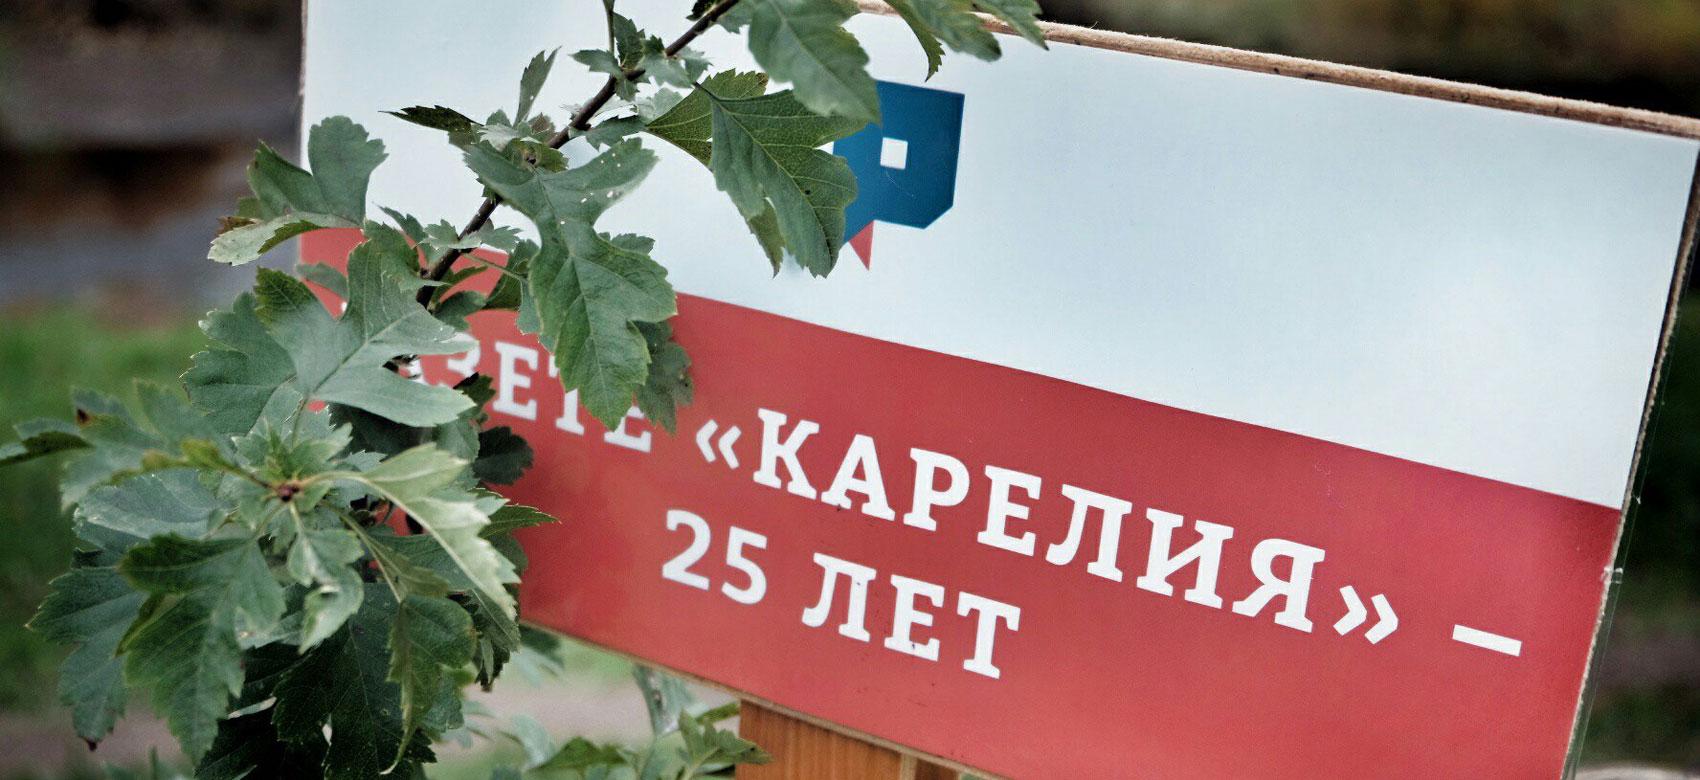 """Сотрудники учреждения высадили саженцы в честь 25-летия газеты """"Карелия"""""""